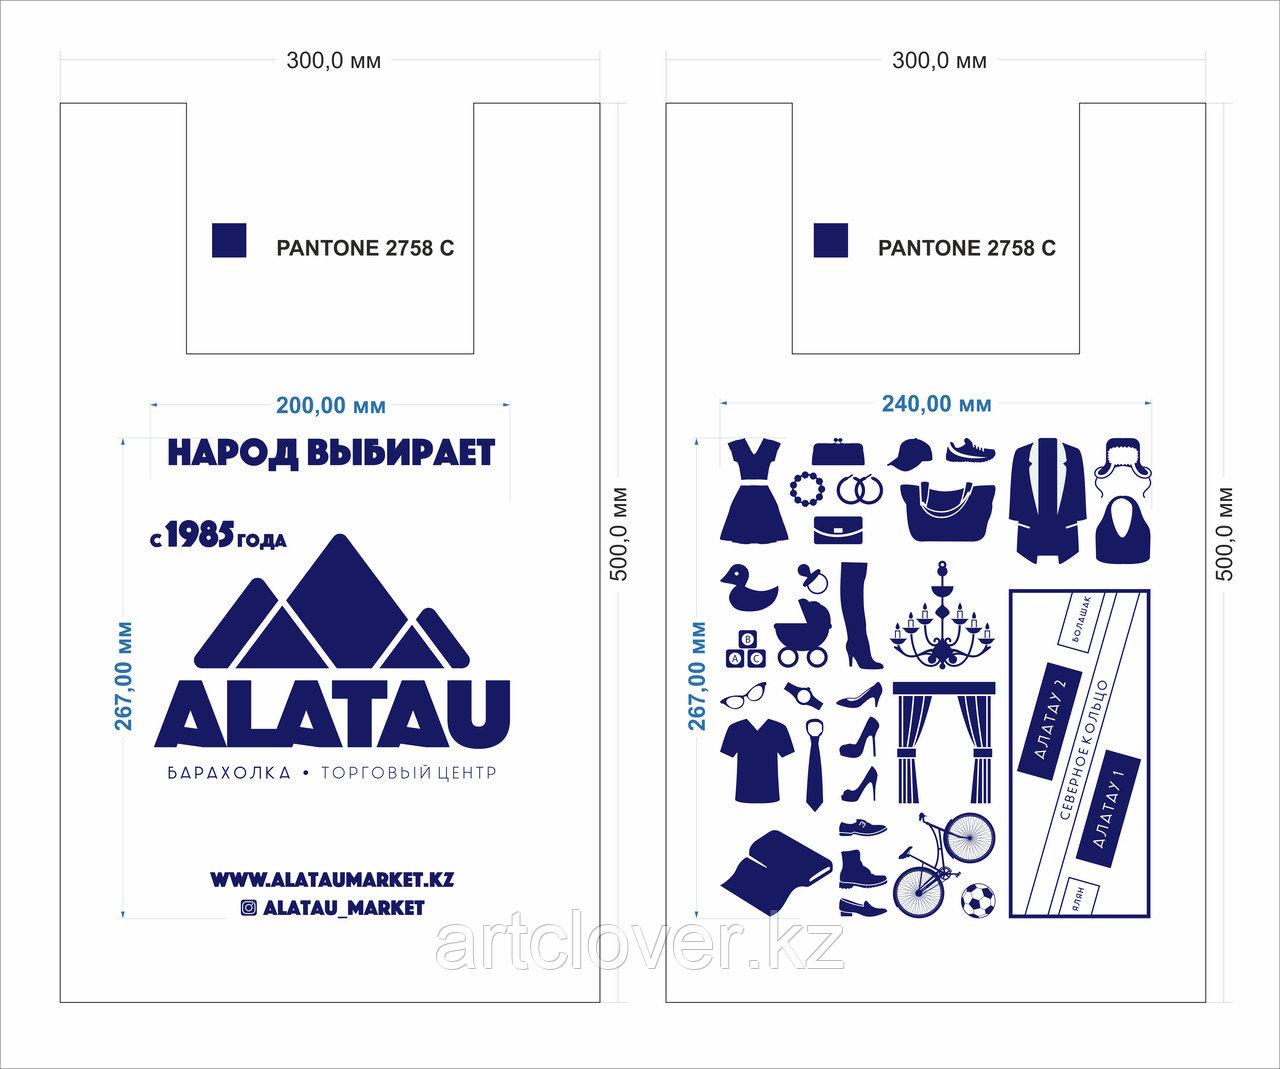 Изготовление полиэтиленовых пакетов для товаров